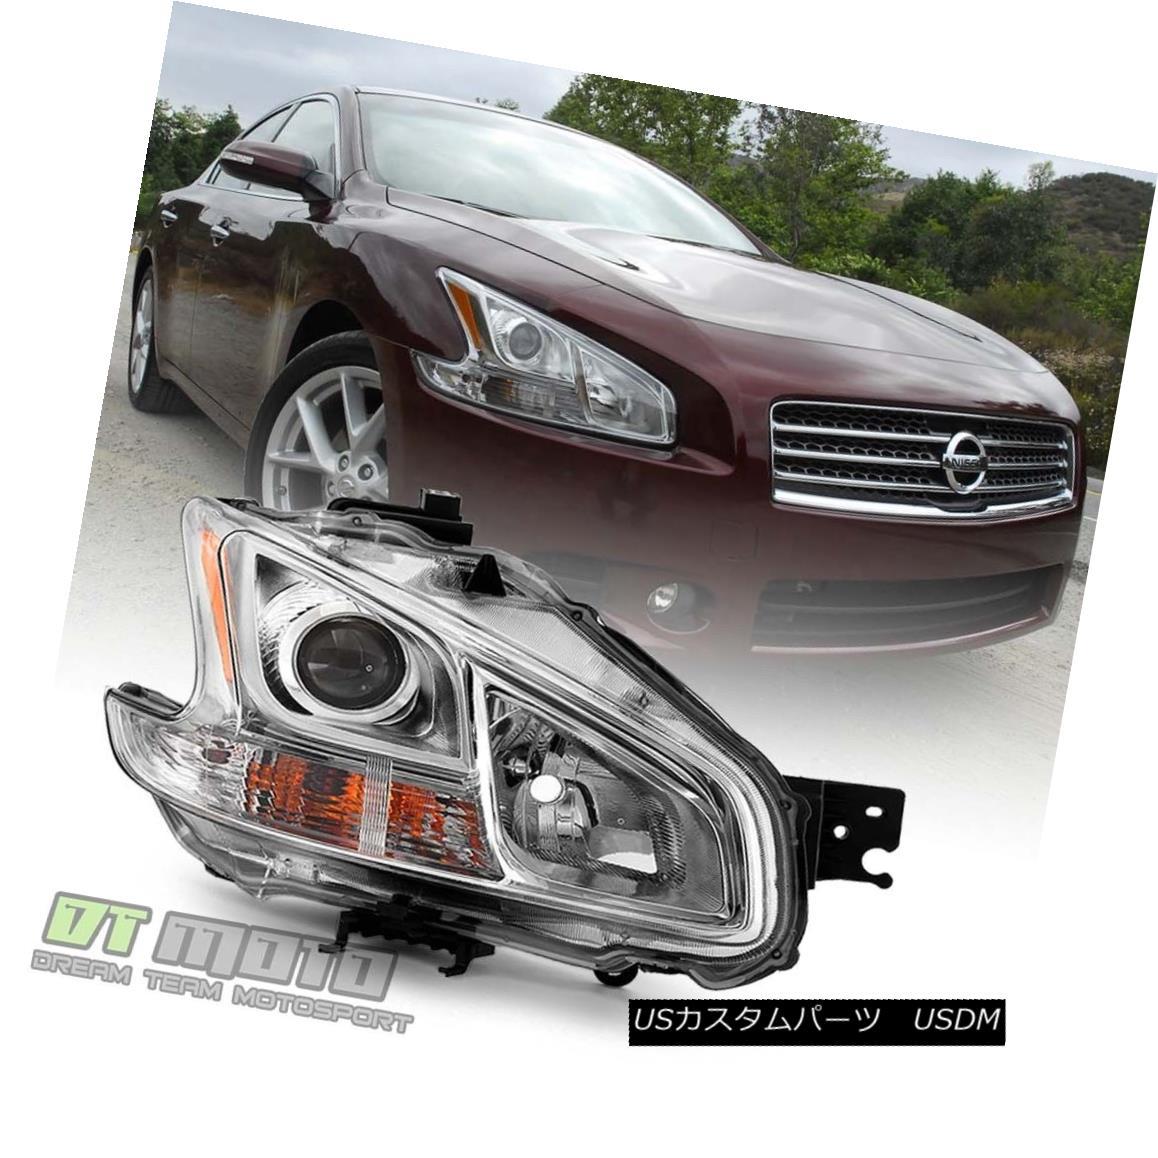 ヘッドライト For 2009-2014 Maxima Halogen Model Headlight Headlamp 09-14 Right Passenger Side 2009-2014 Maximaハロゲンヘッドライトヘッドランプ09-14右乗客側